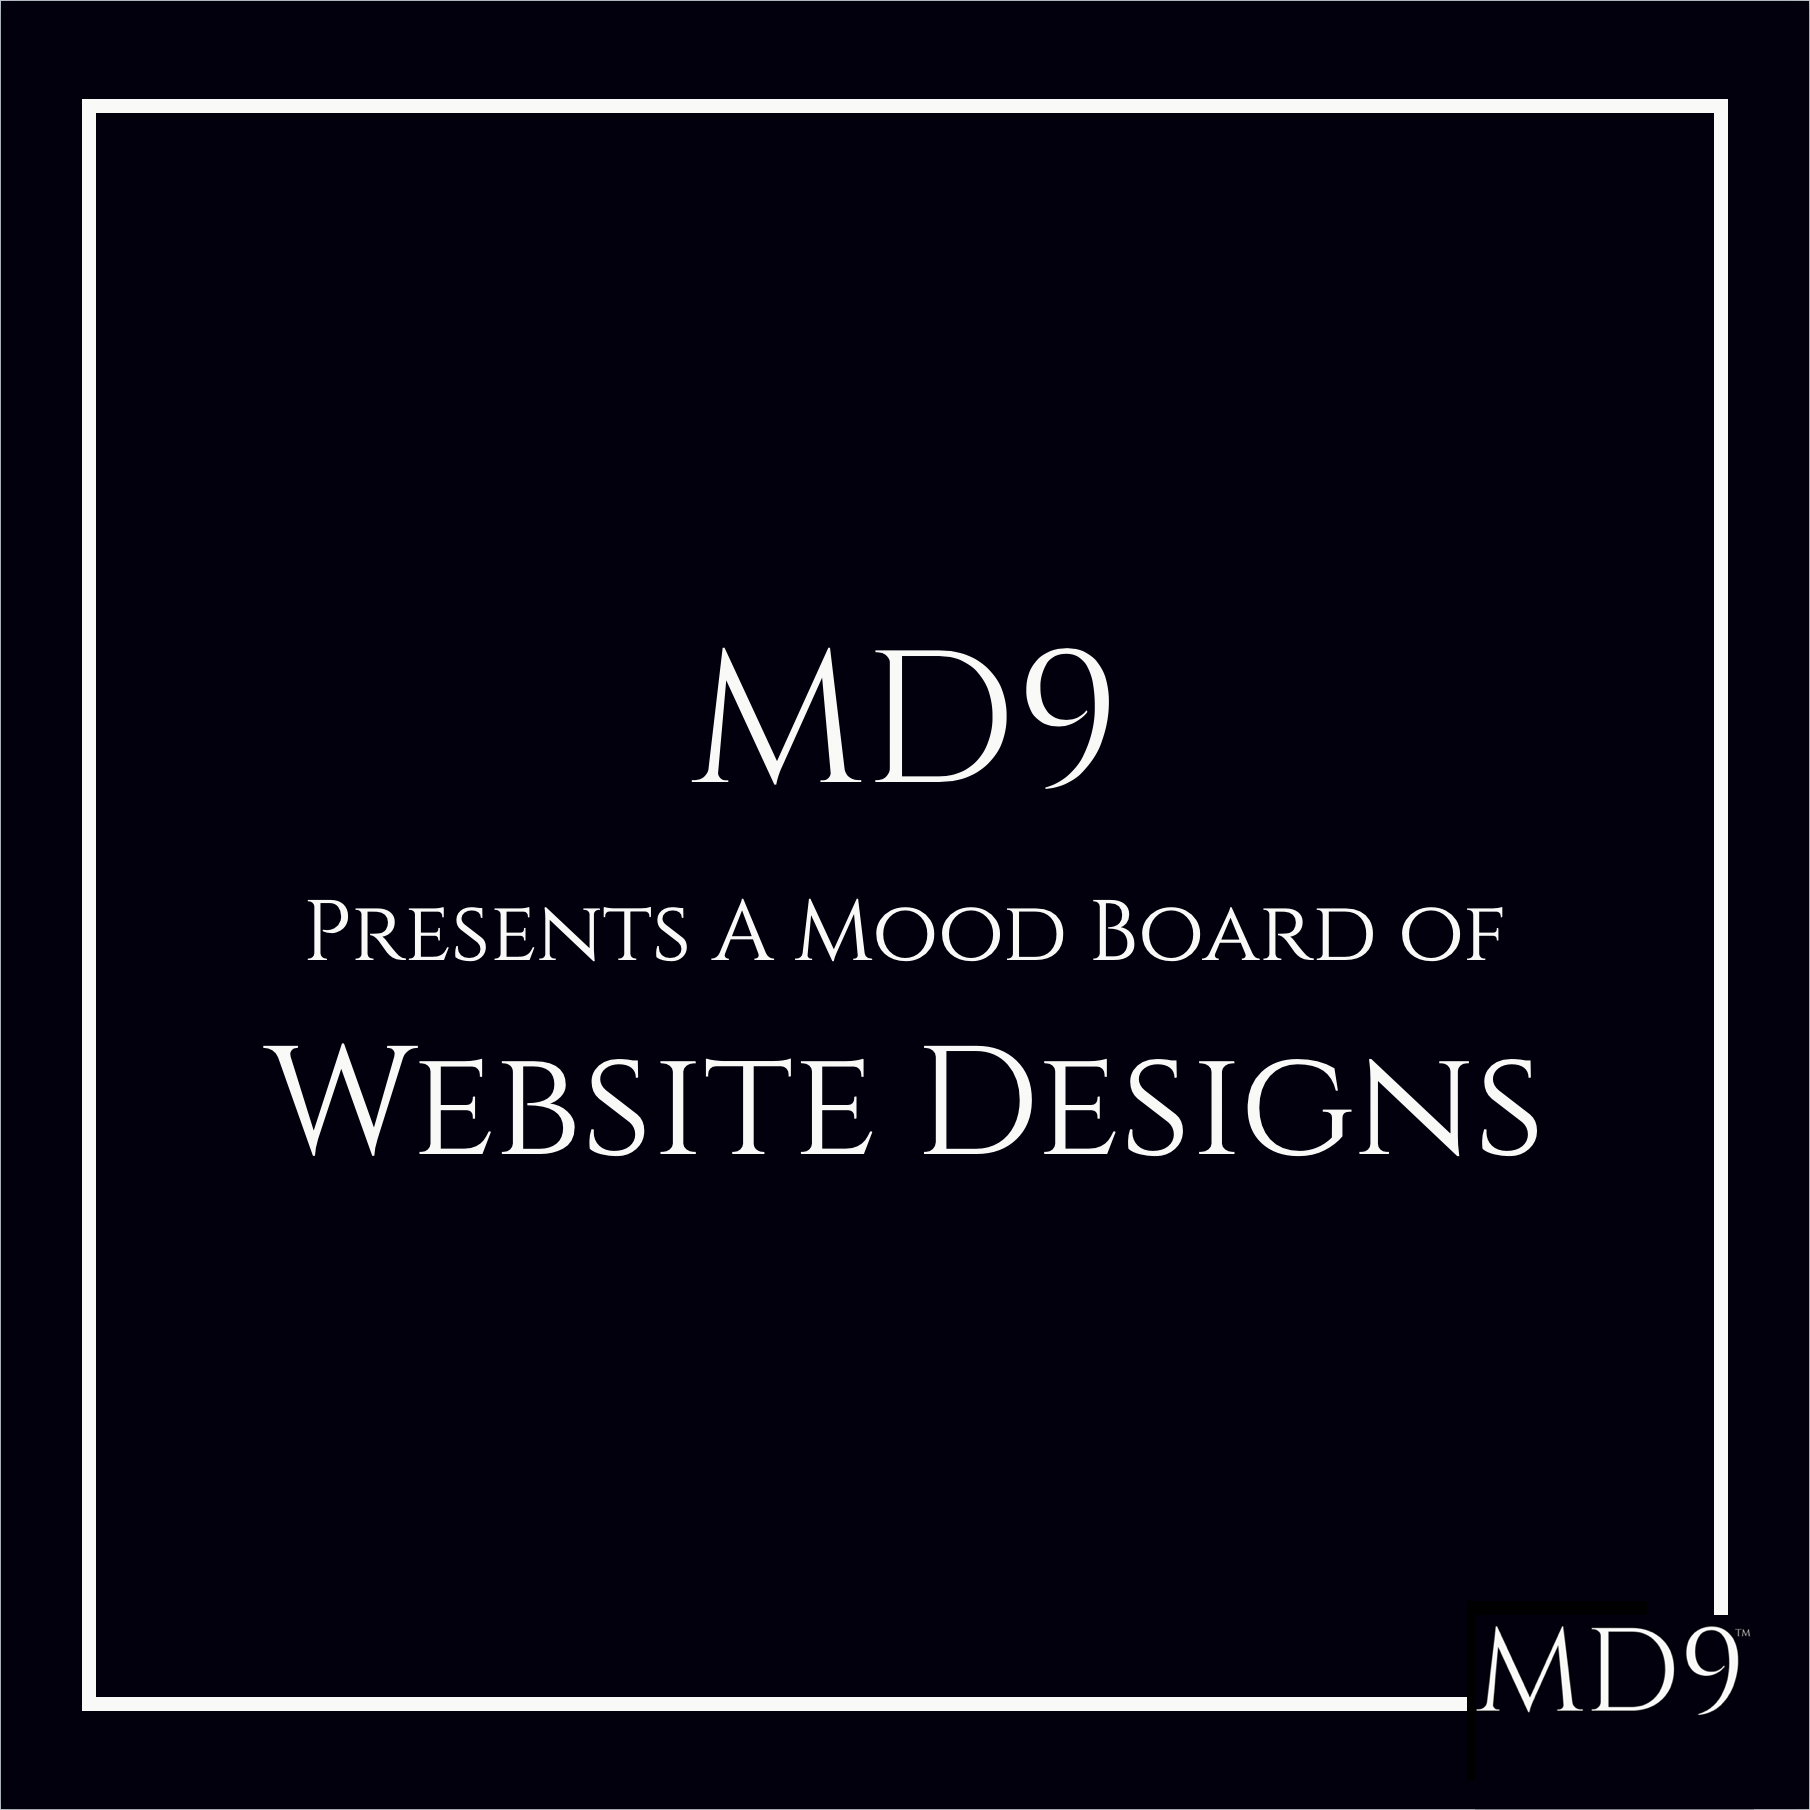 MD9's Design Mood Board – Websites